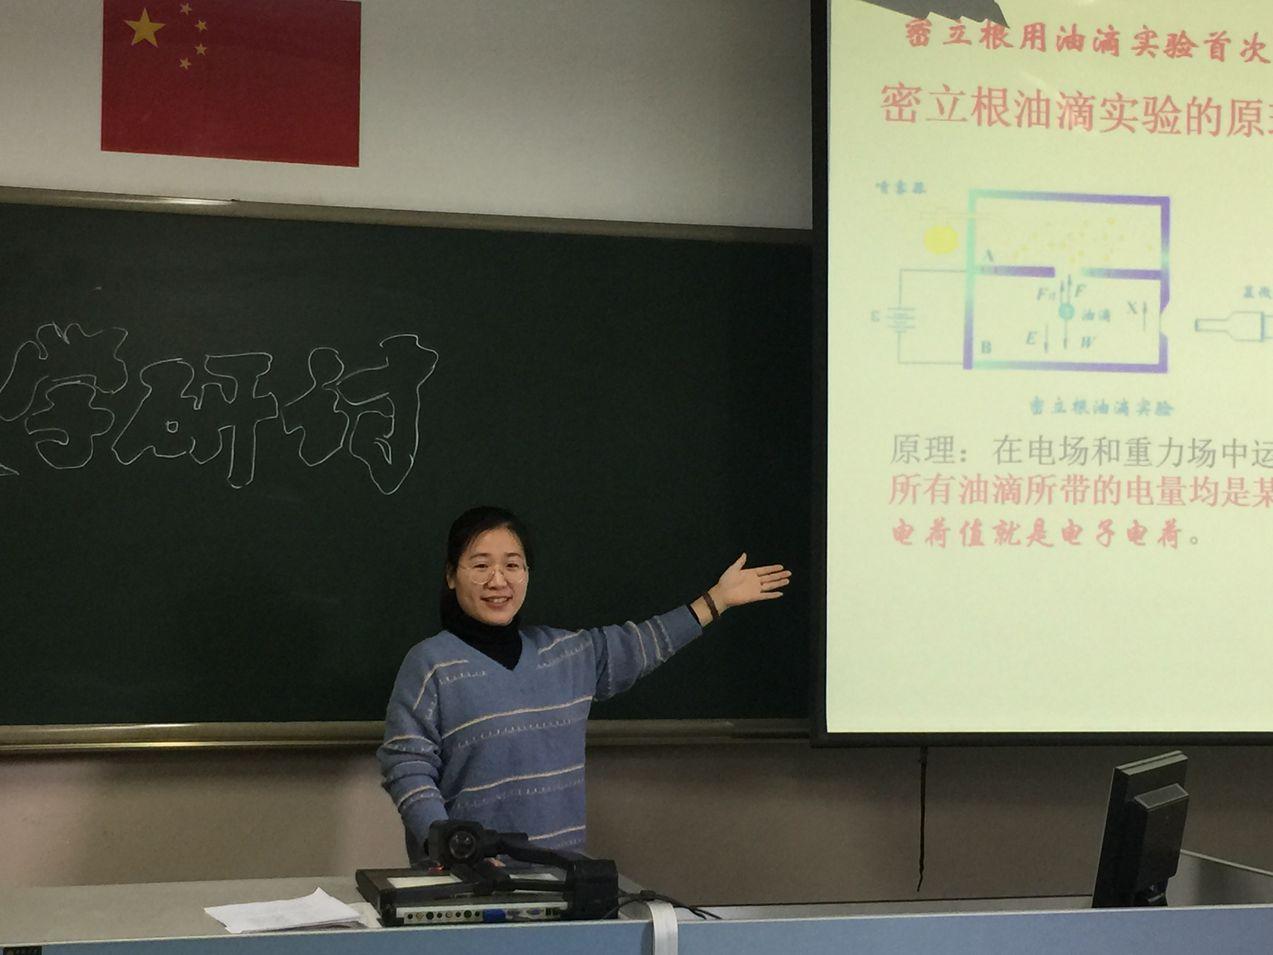 赵春英老师微课展示.jpg